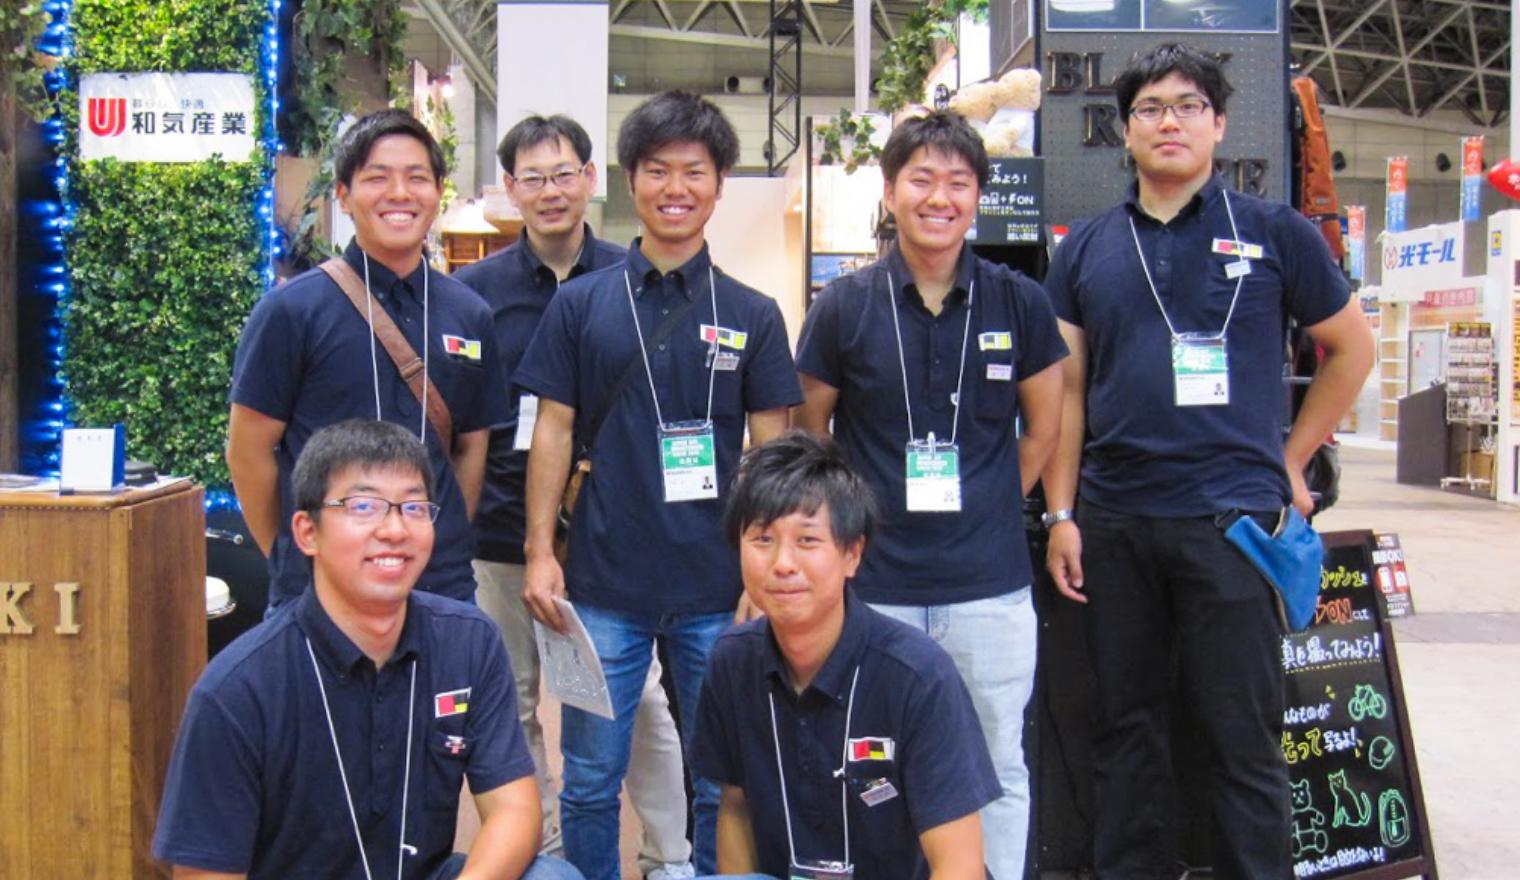 和気産業ブース前で笑顔の社員たち